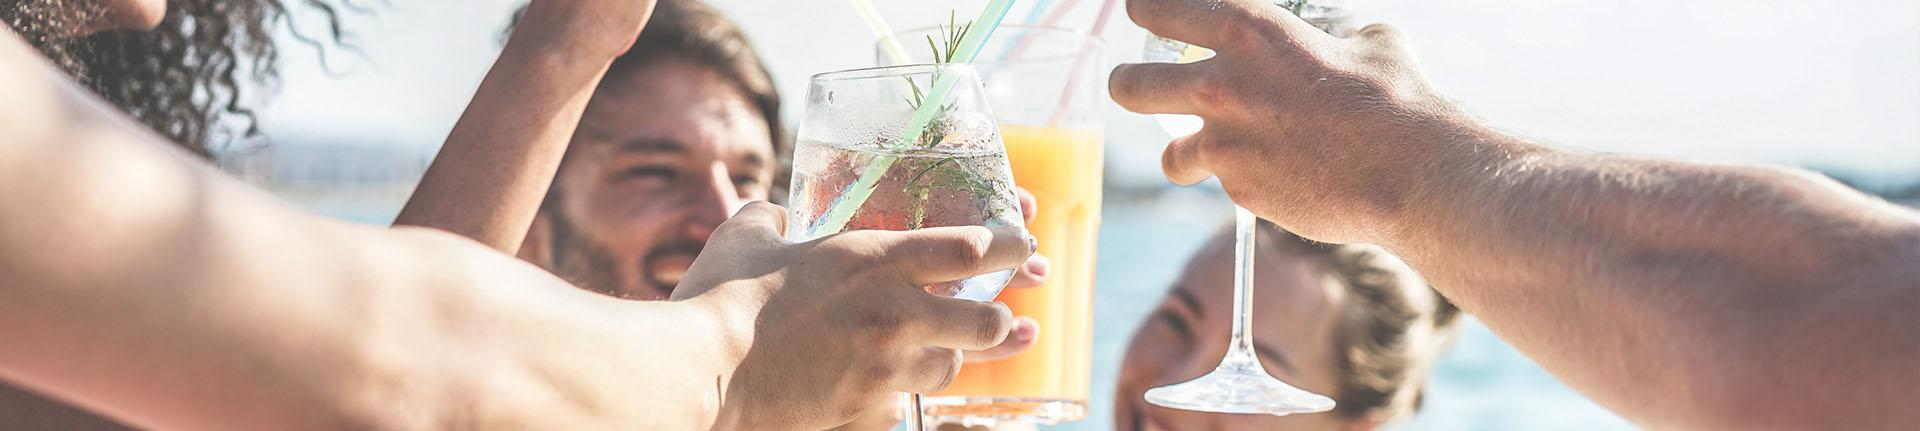 Diferentes efeitos do álcool no corpo